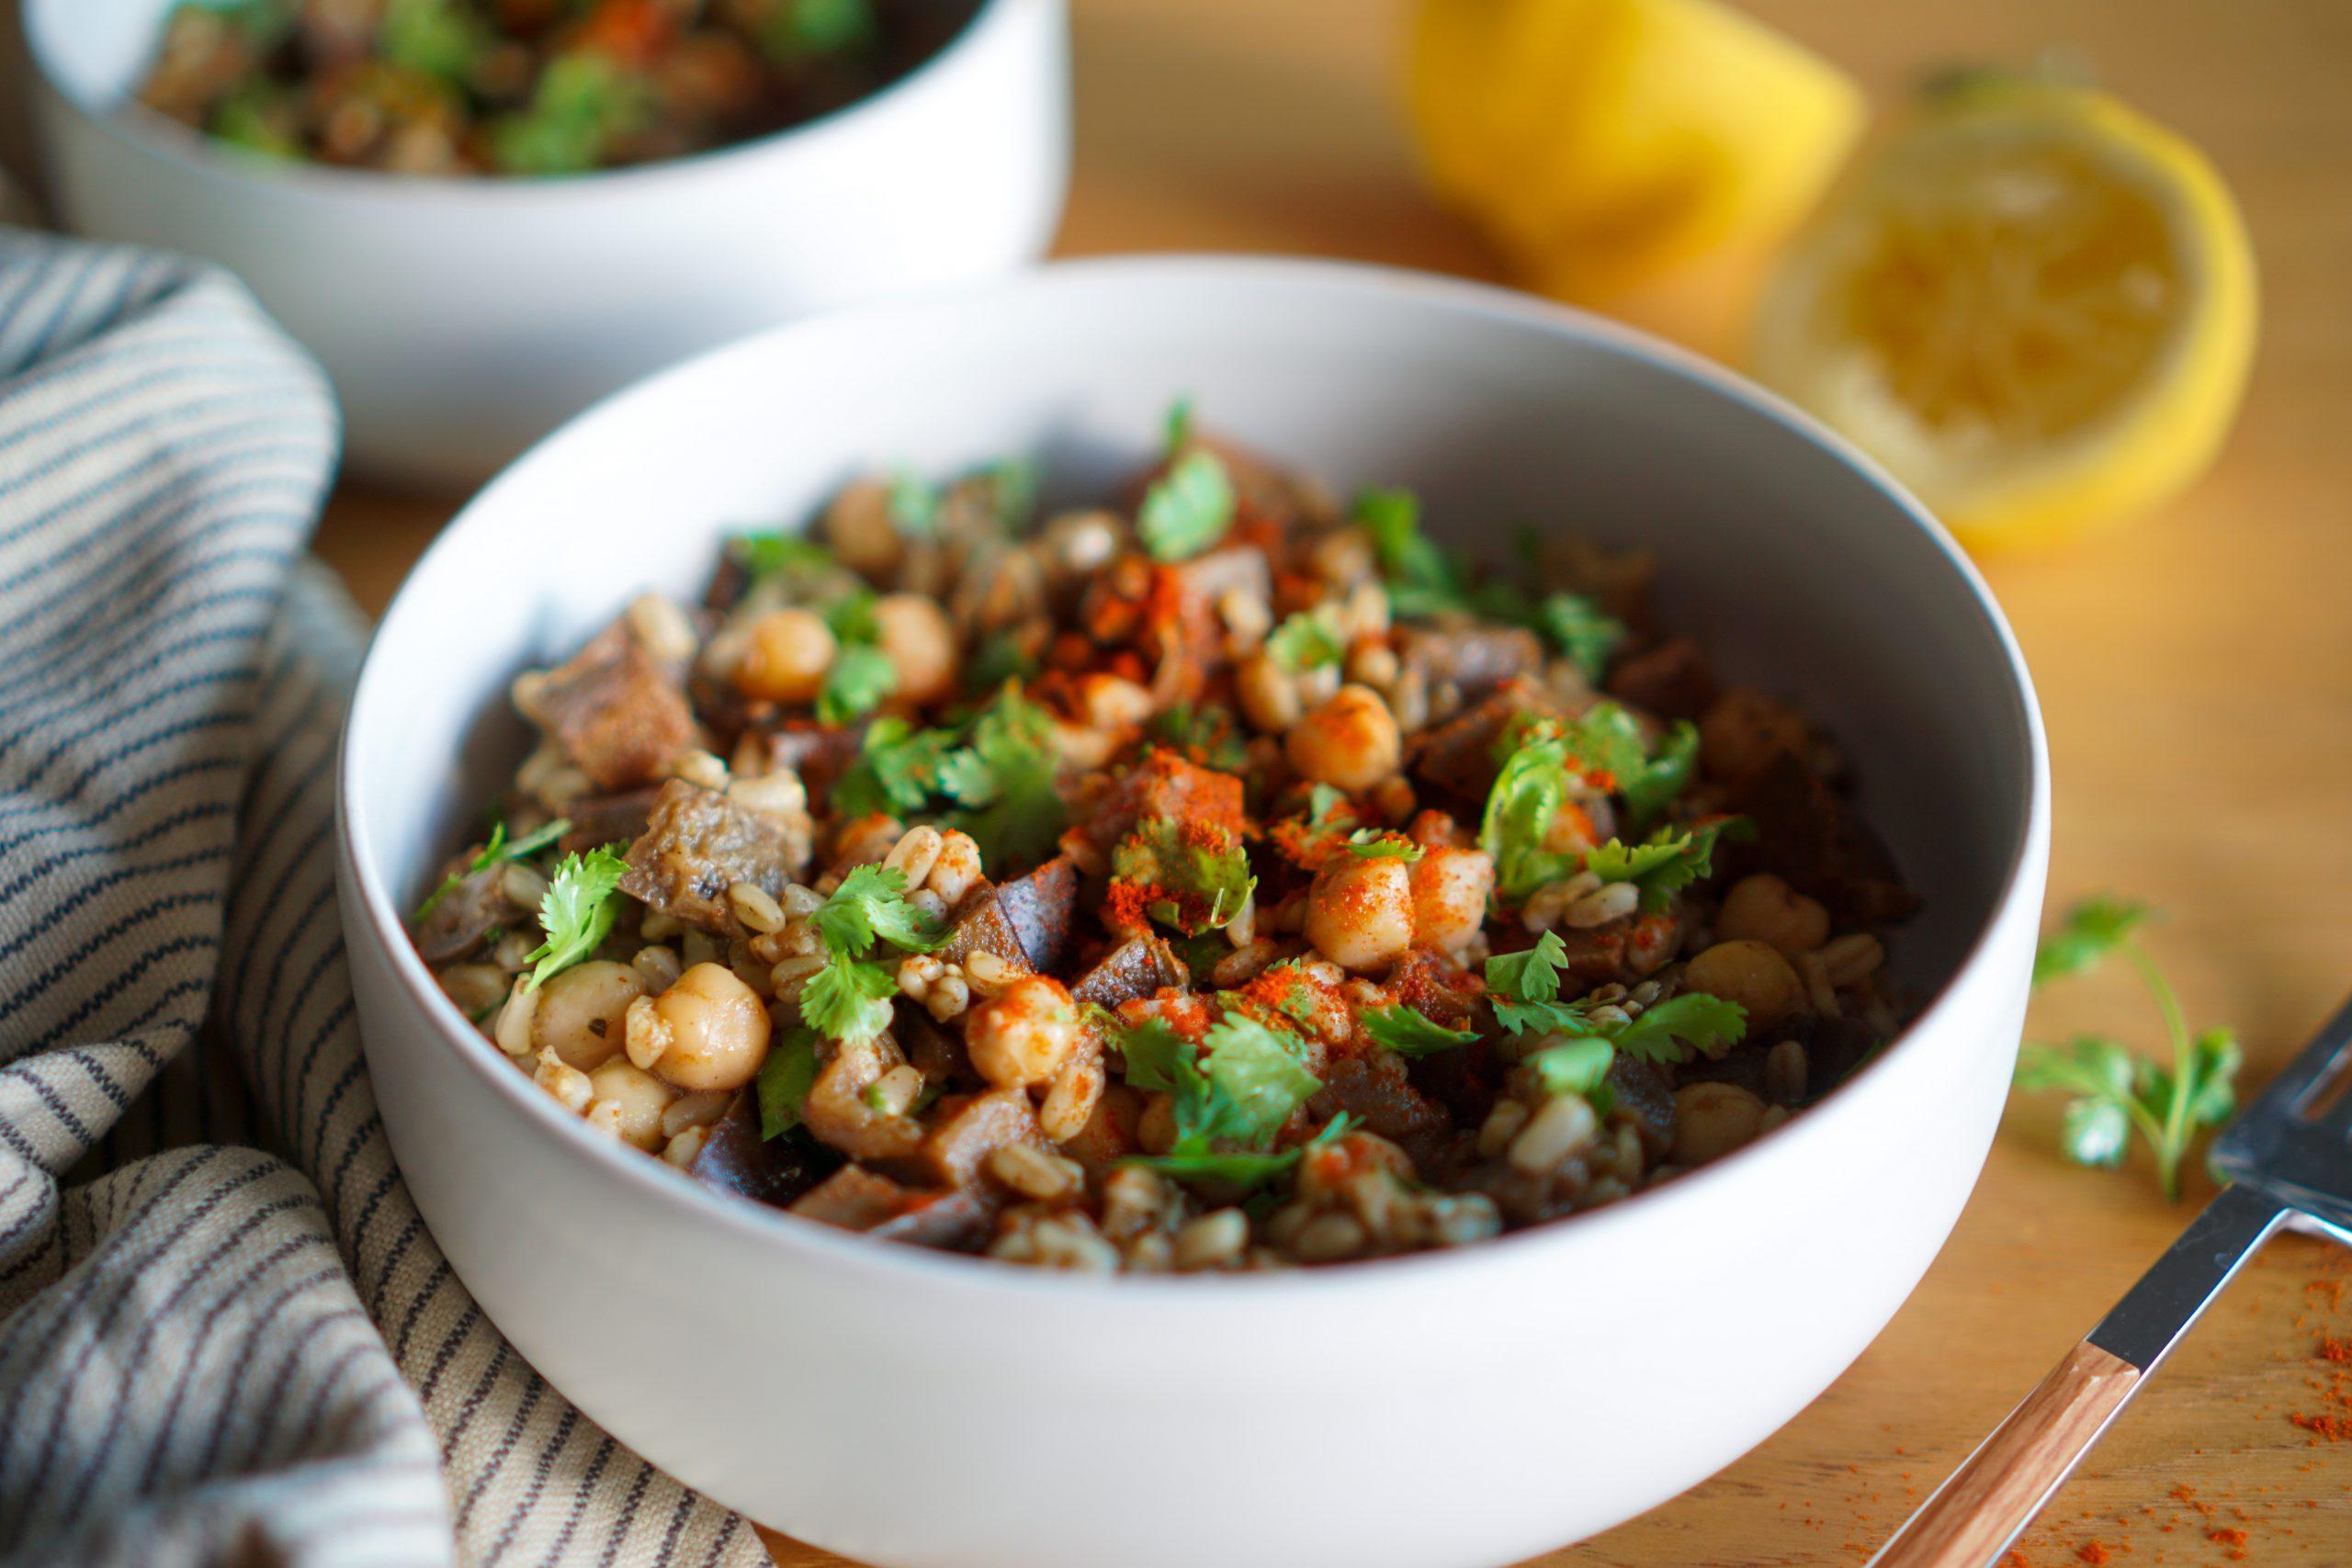 Salade aubergines pois chiche recette vegan sans gluten